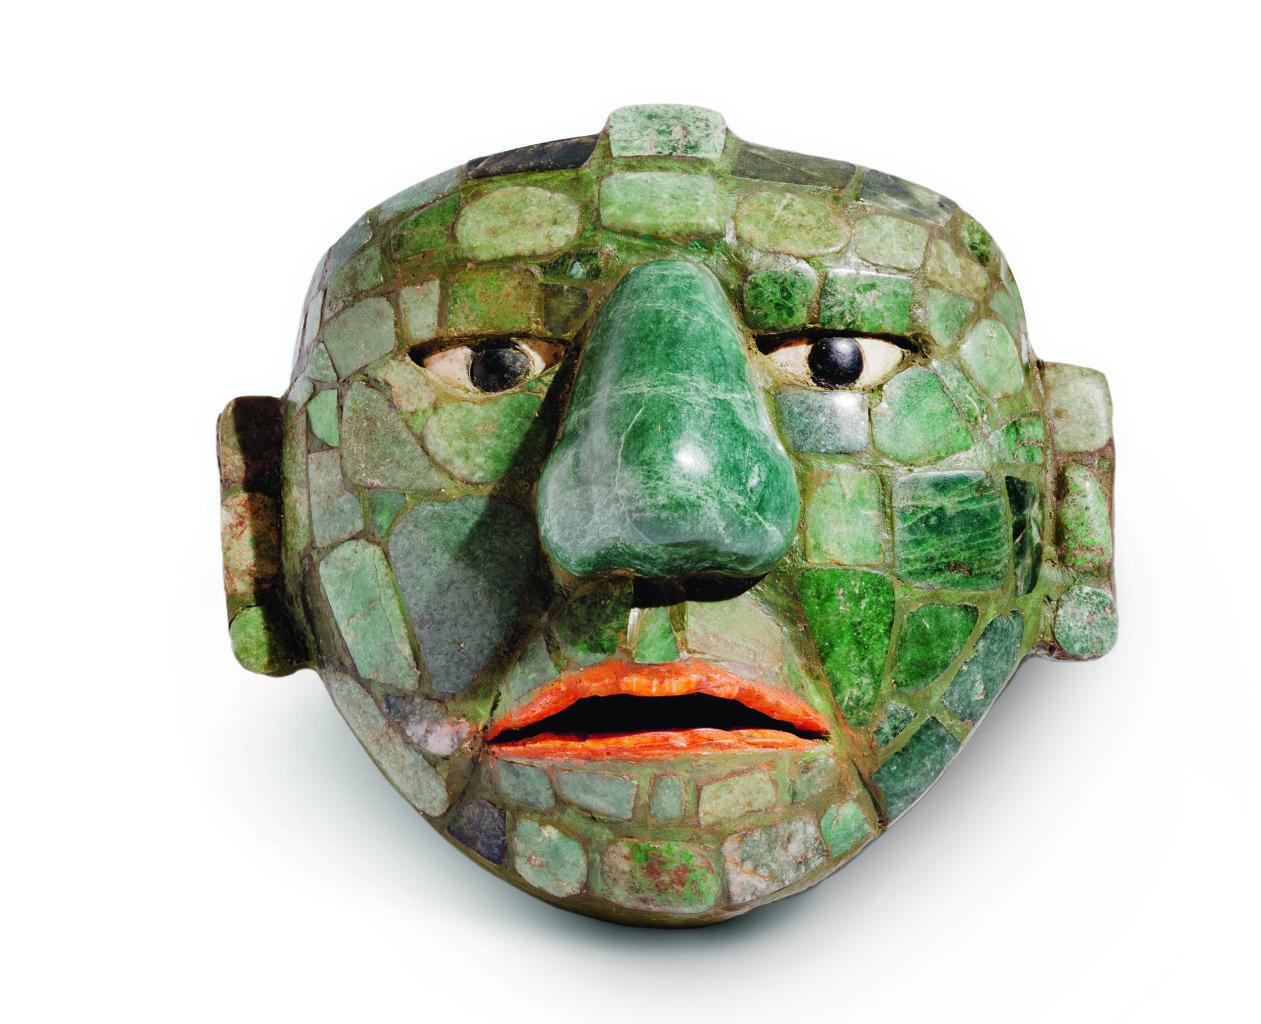 Kleine Jademaske, die vielleicht als Verzierung einer Gürtelschnalle verwendet wurde (250–800 n. Chr.). Fundación La Ruta Maya, Guatemala; Foto: Historisches Museum der Pfalz/Ricky López Bruni